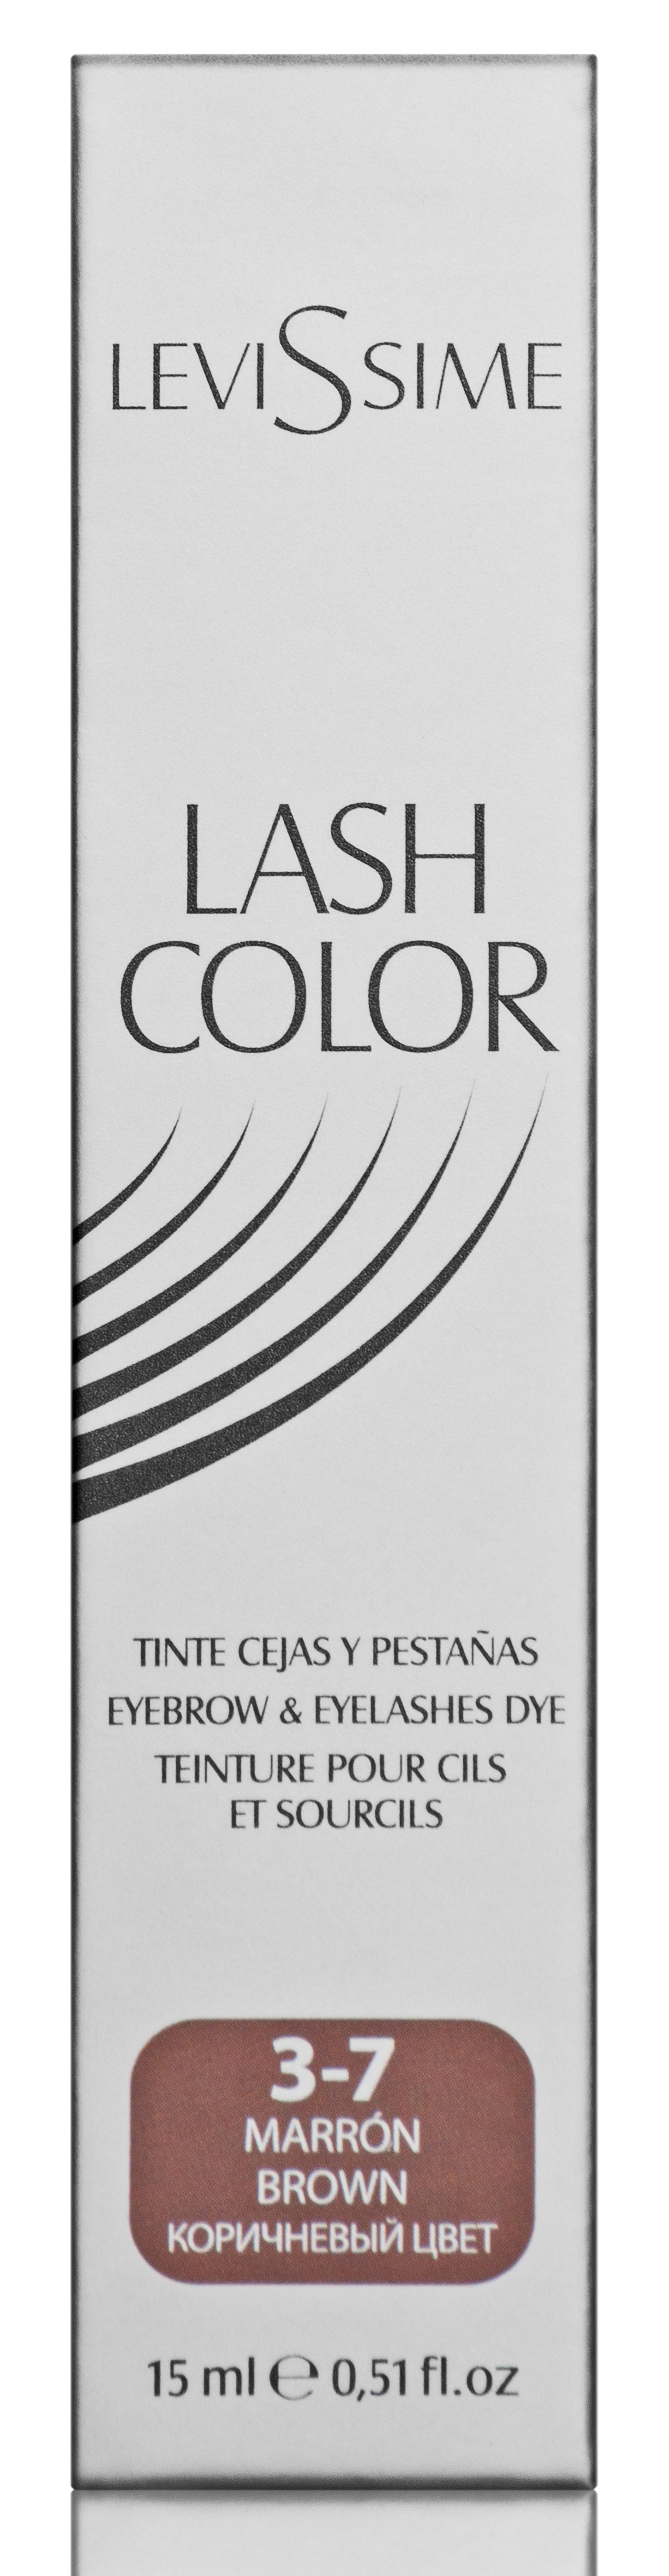 LEVISSIME Краска для бровей и ресниц, № 3.7 коричневый / Lash Color 15 мл - Краски для бровей